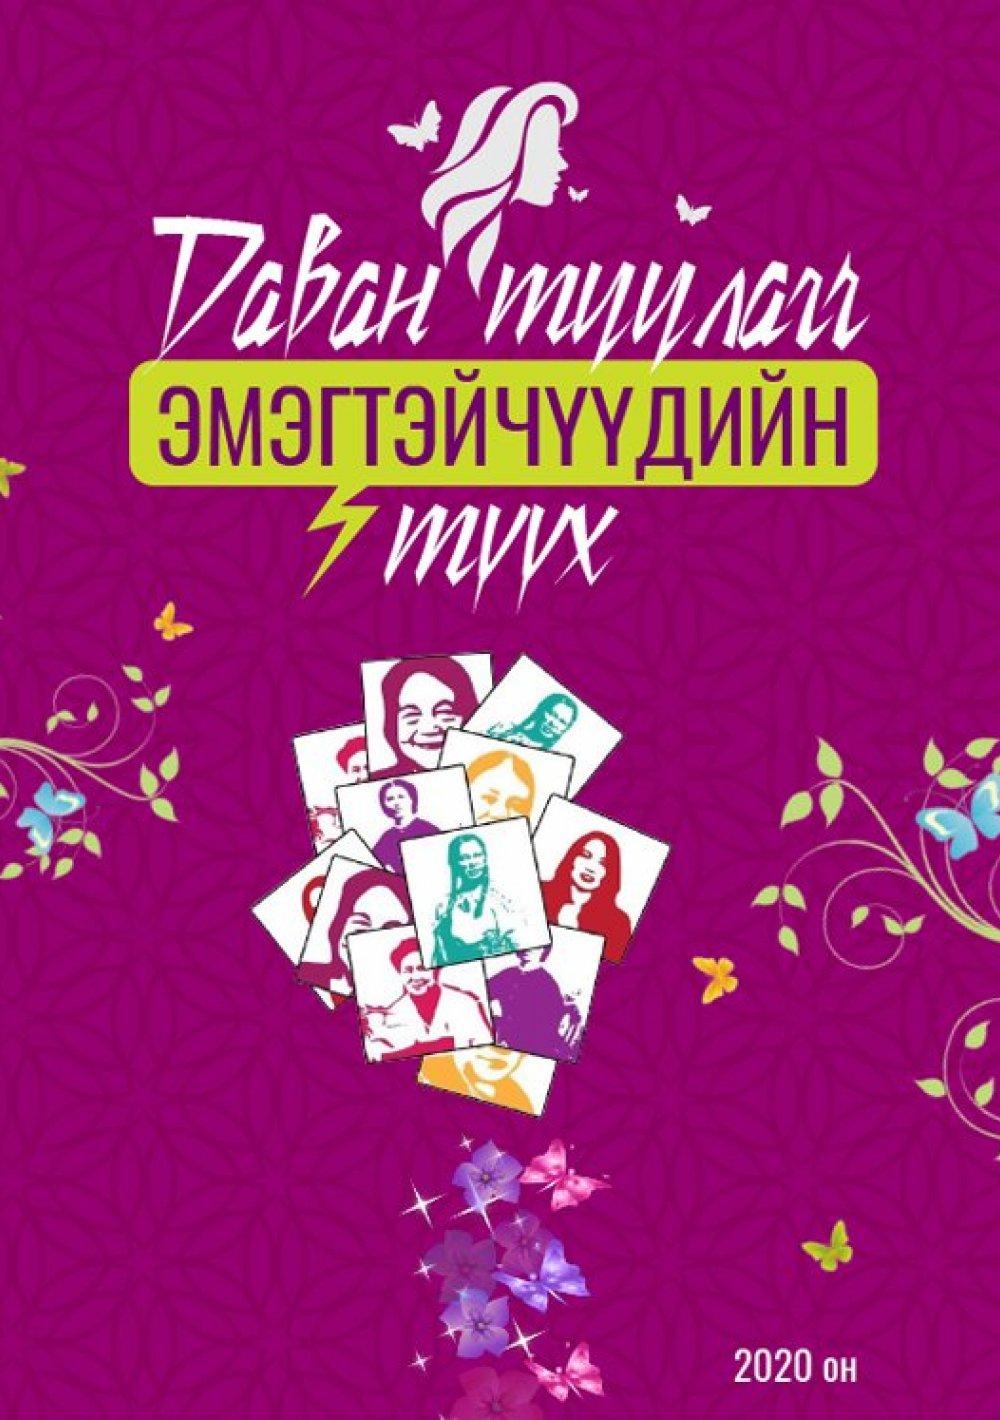 Даван туулагч эмэгтэйчүүдийн түүх